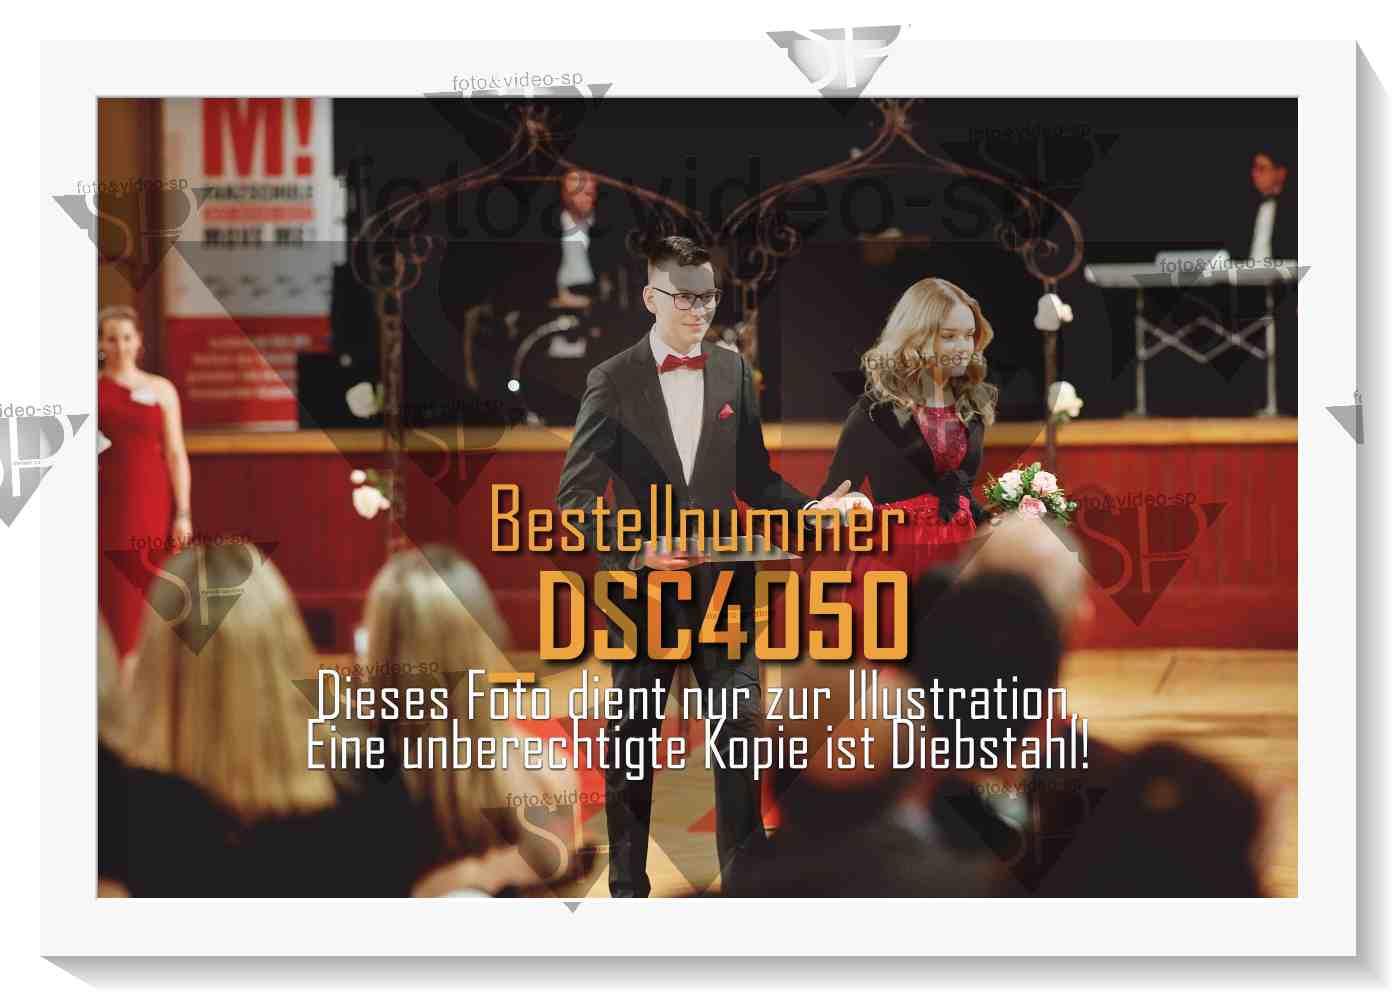 DSC4050